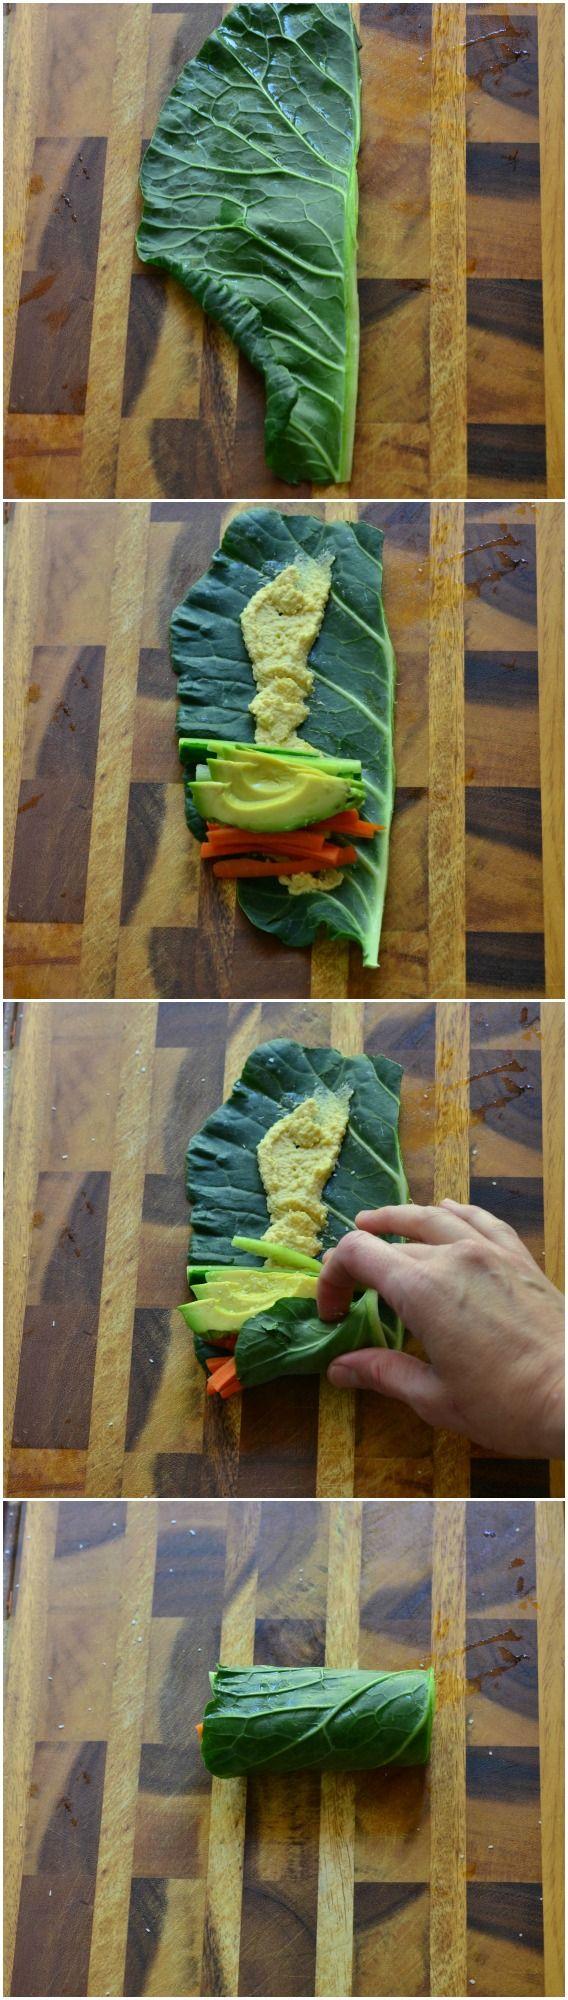 3 hojas de berza, cortados por la mitad a lo largo del tallo grueso * ½ c. hummus fresca 2 zanahorias, cortadas en juliana 1 pepino, eviscerado y cortados en juliana 1 aguacate, rodajas finas 6 palillos de dientes